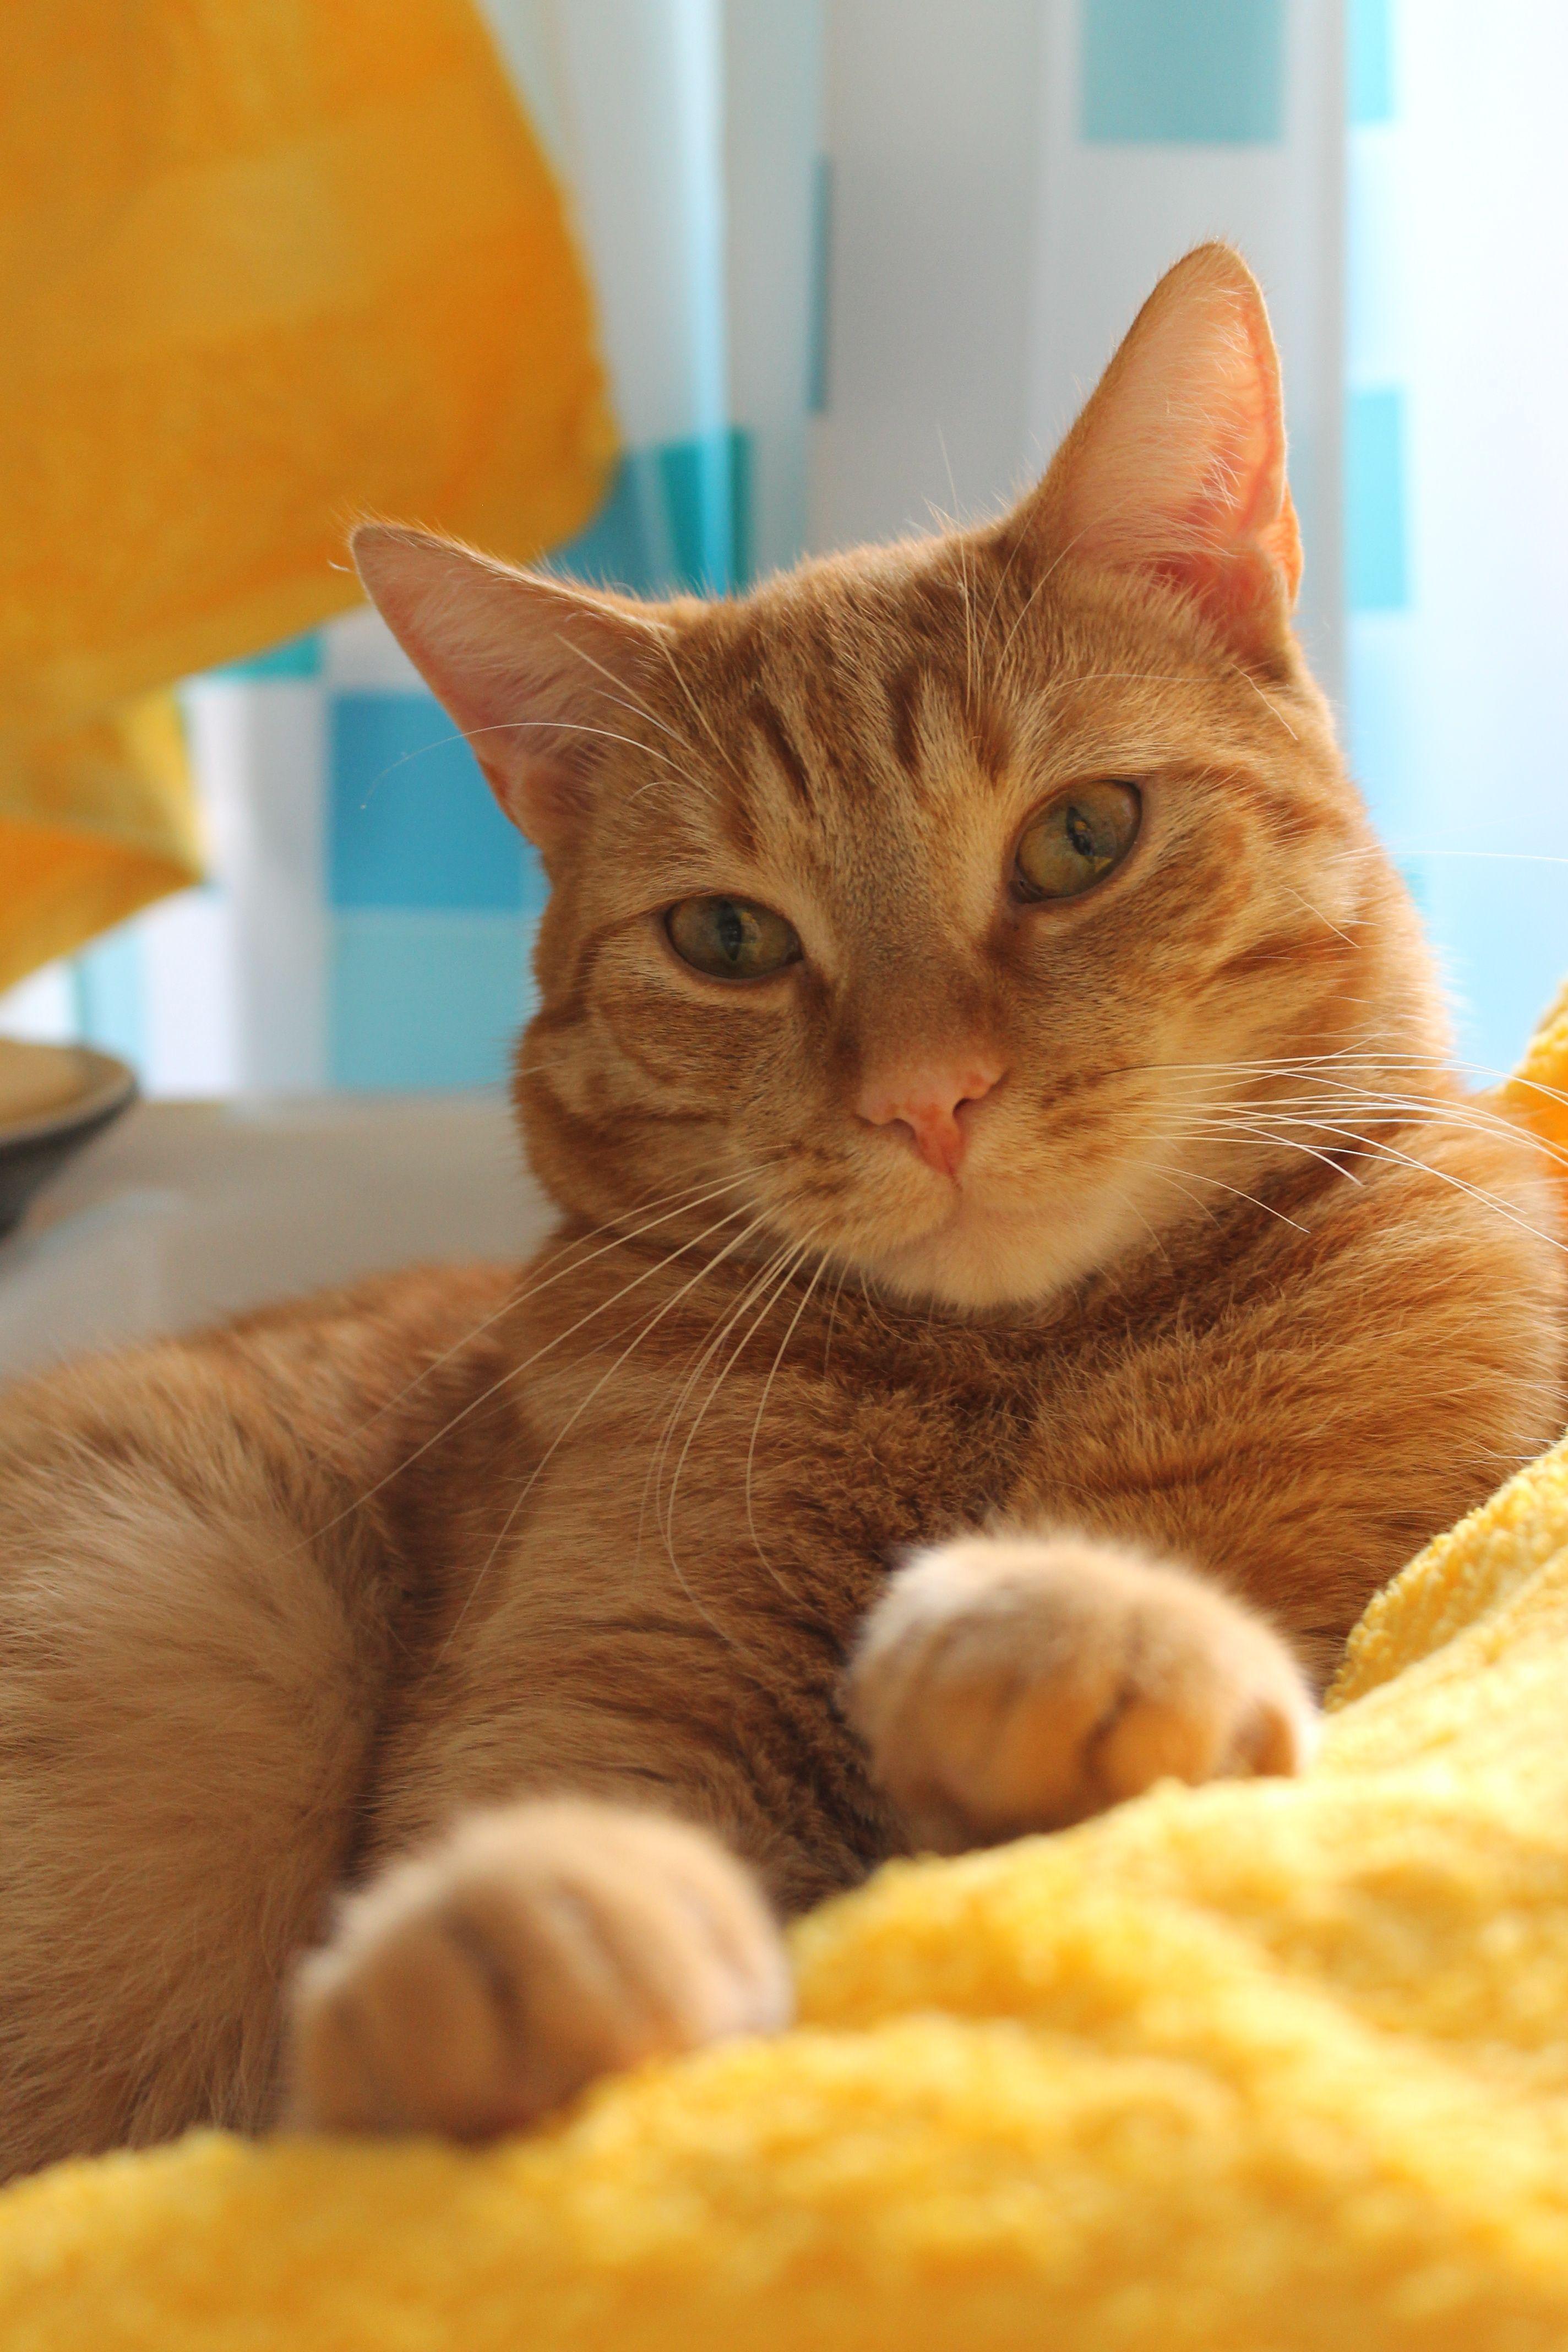 Yellow Towels Ginger Bee Catbreeds Kucing Lucu Kucing Lucu